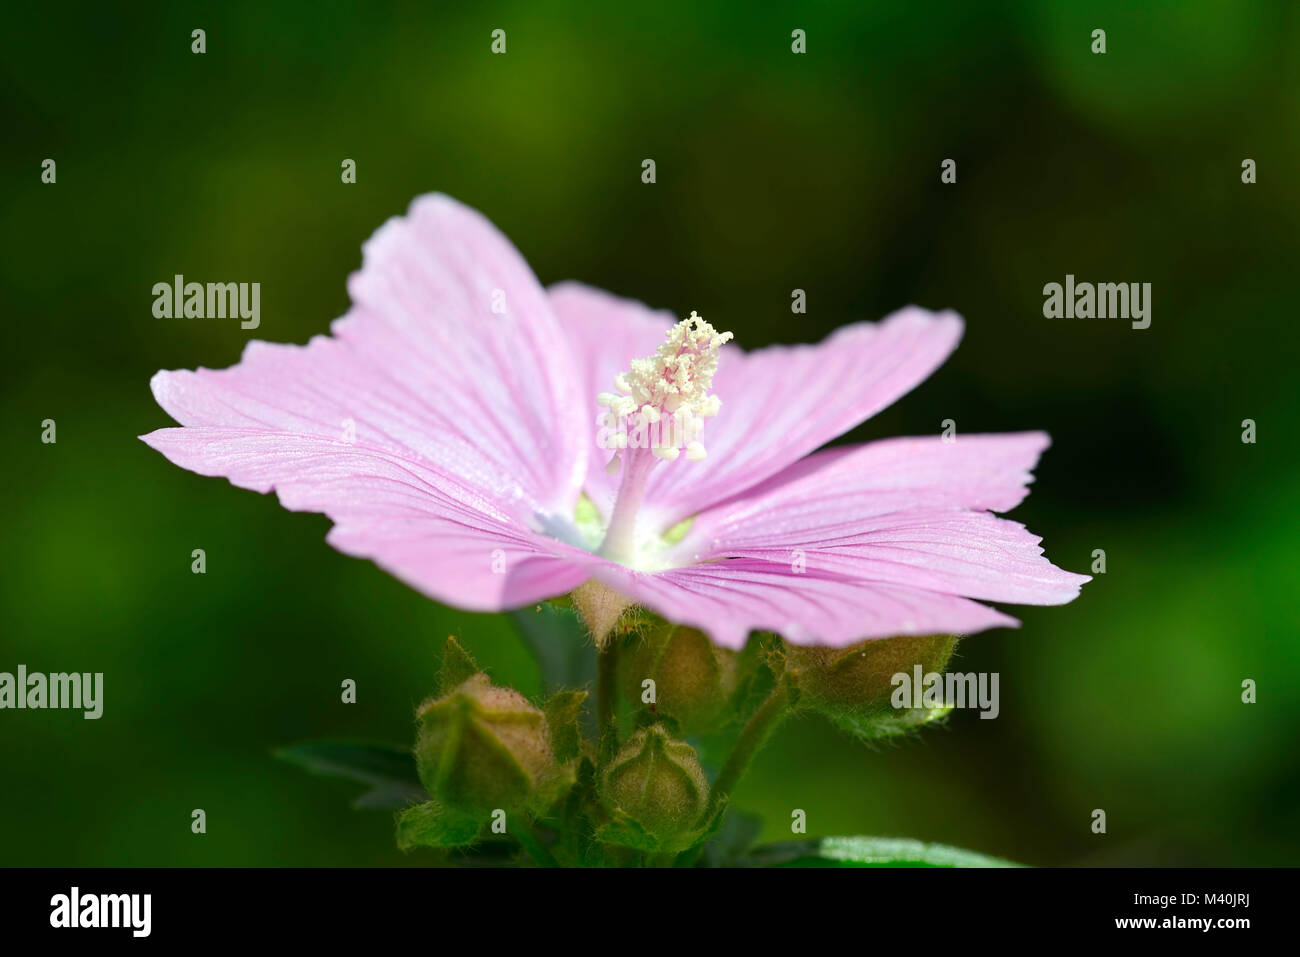 Rose mallow (Malva alcea), Rosen-Malve (Malva alcea) Stock Photo